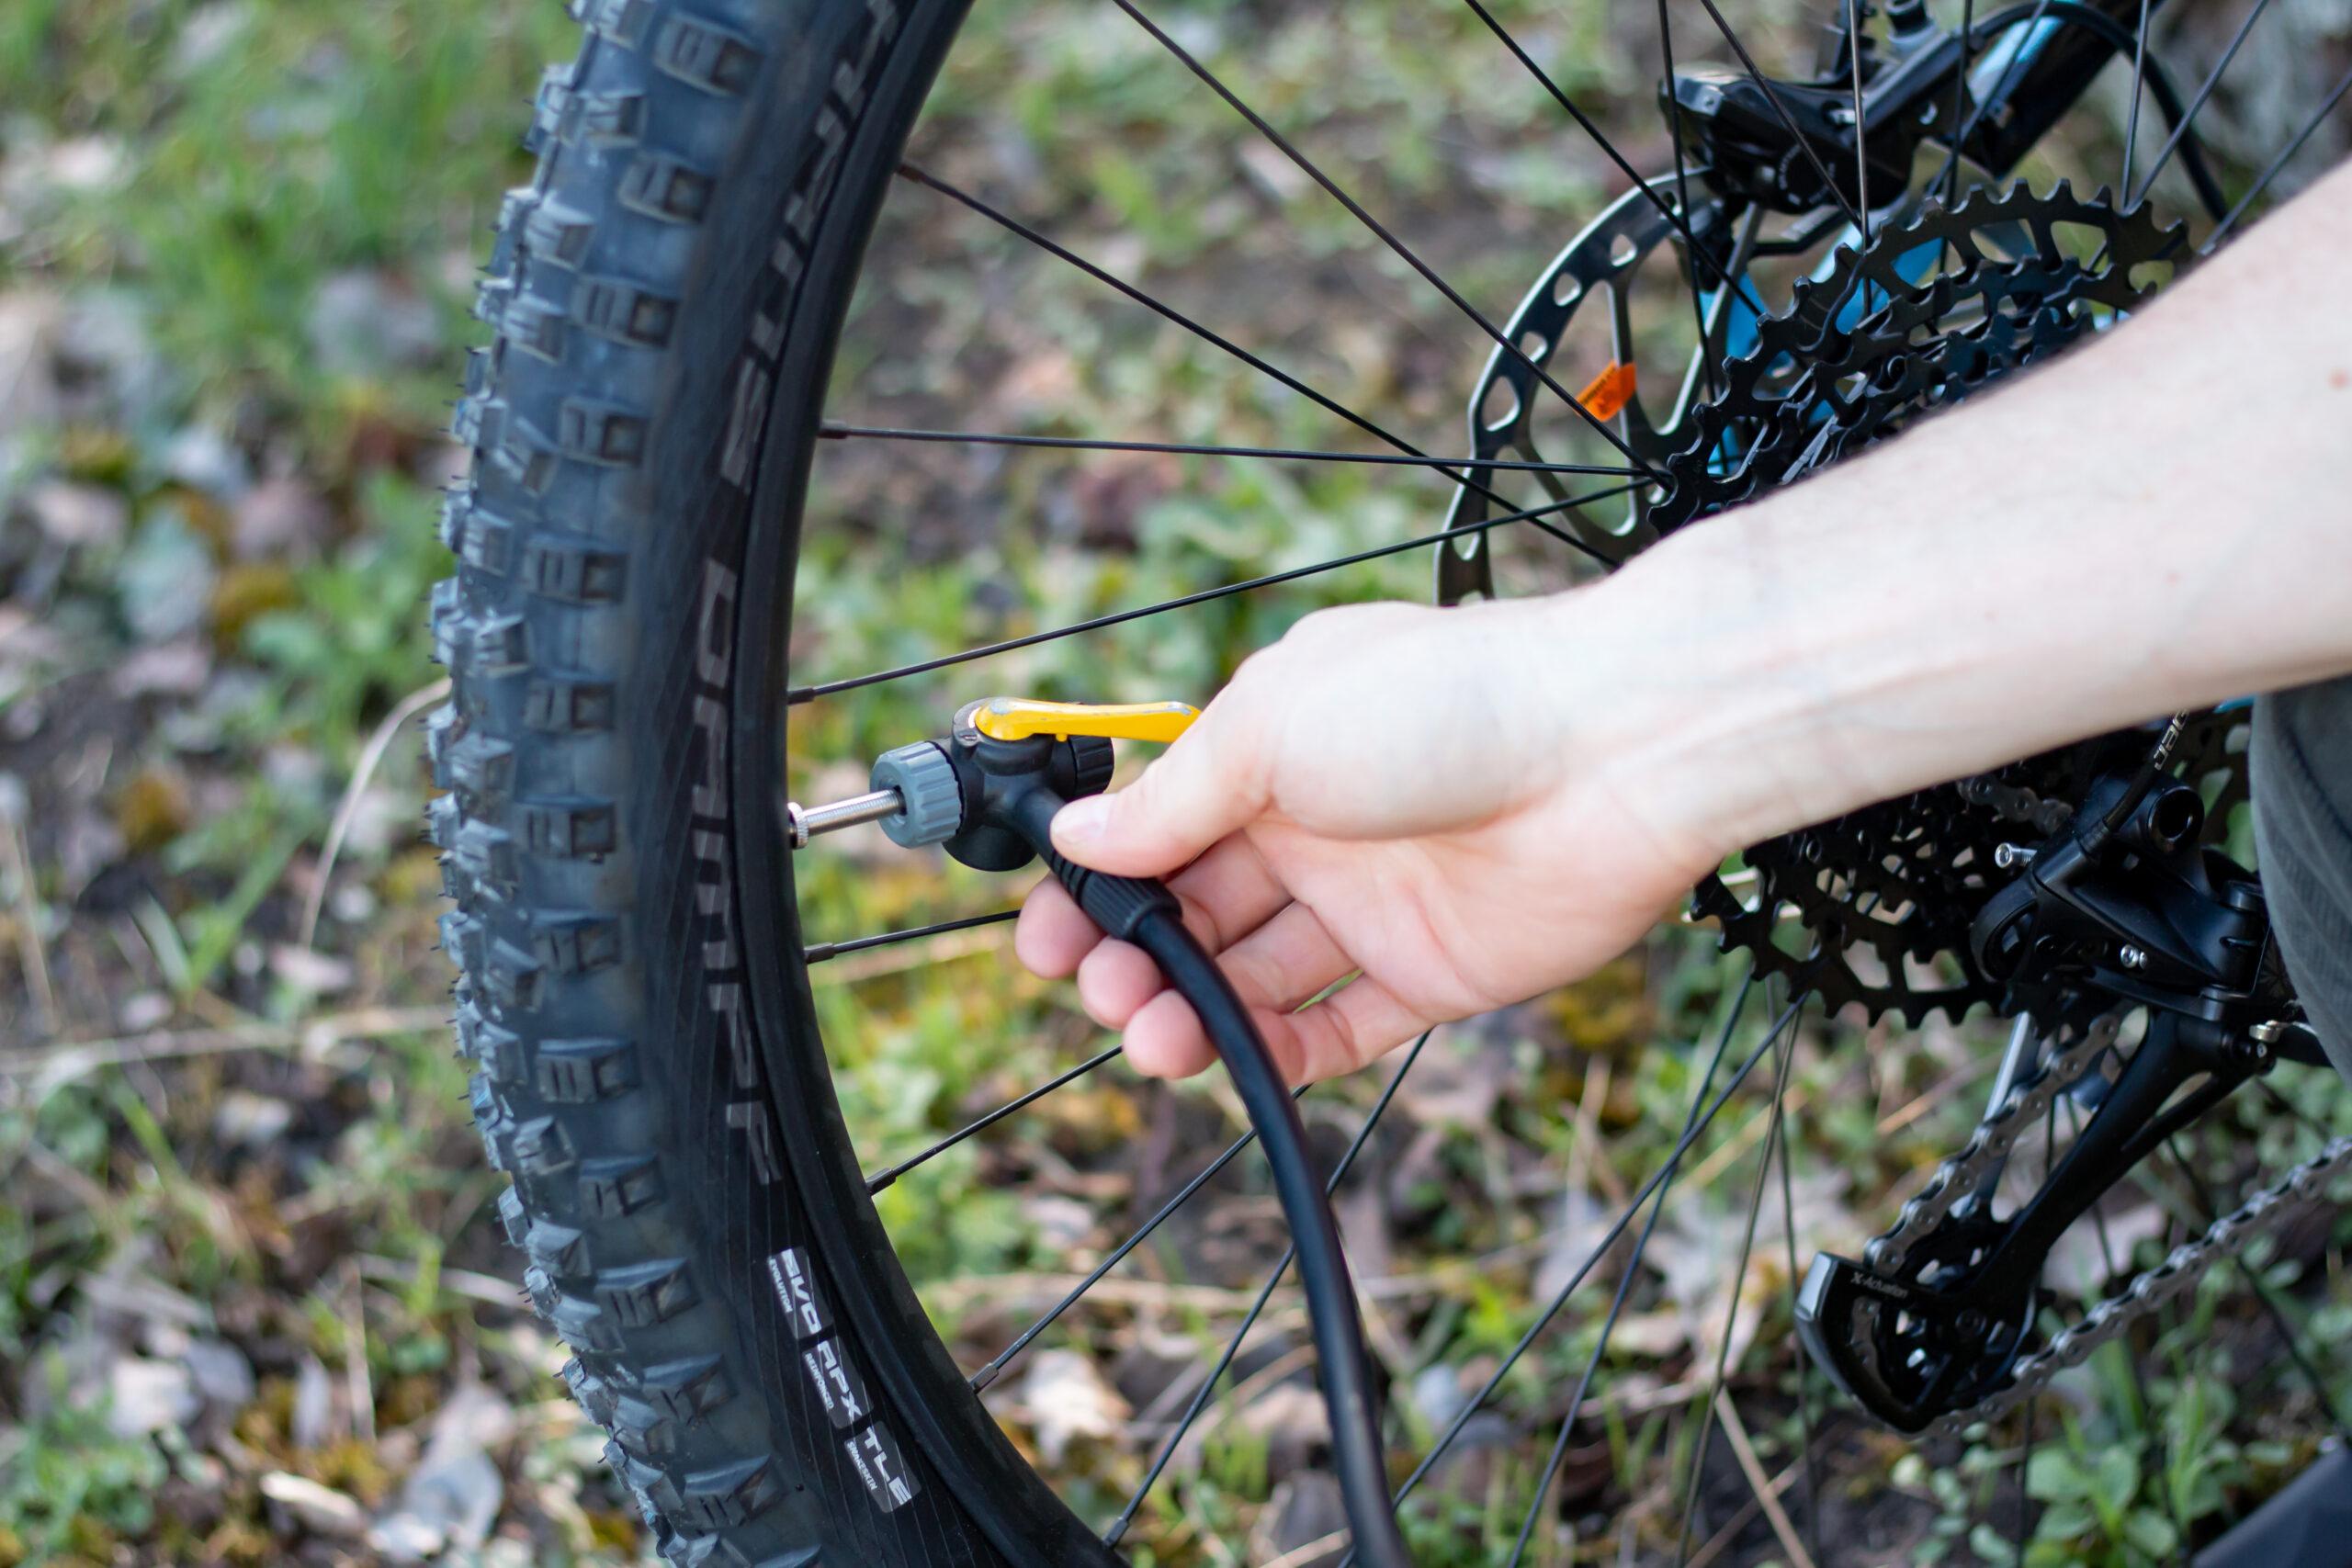 20210330 112045 00069 scaled - Wie pumpe ich meinen Fahrradreifen optimal auf?